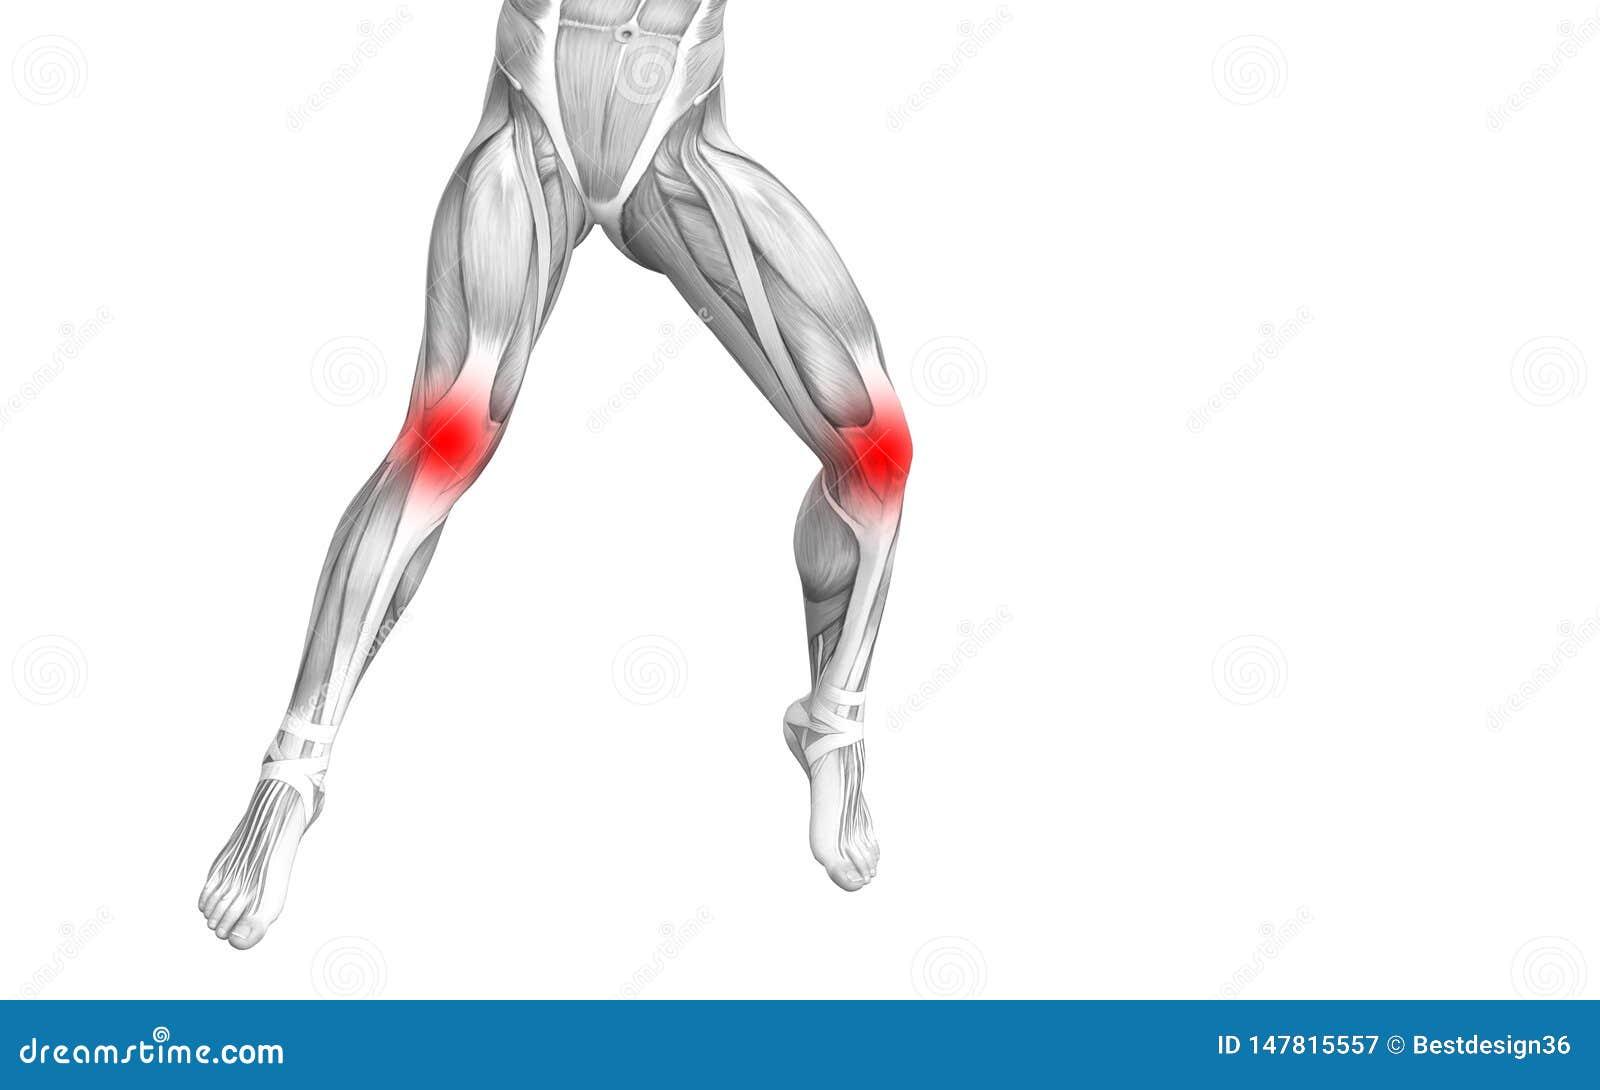 Anatomie humaine de genou avec l inflammation d un rouge ardent de tache